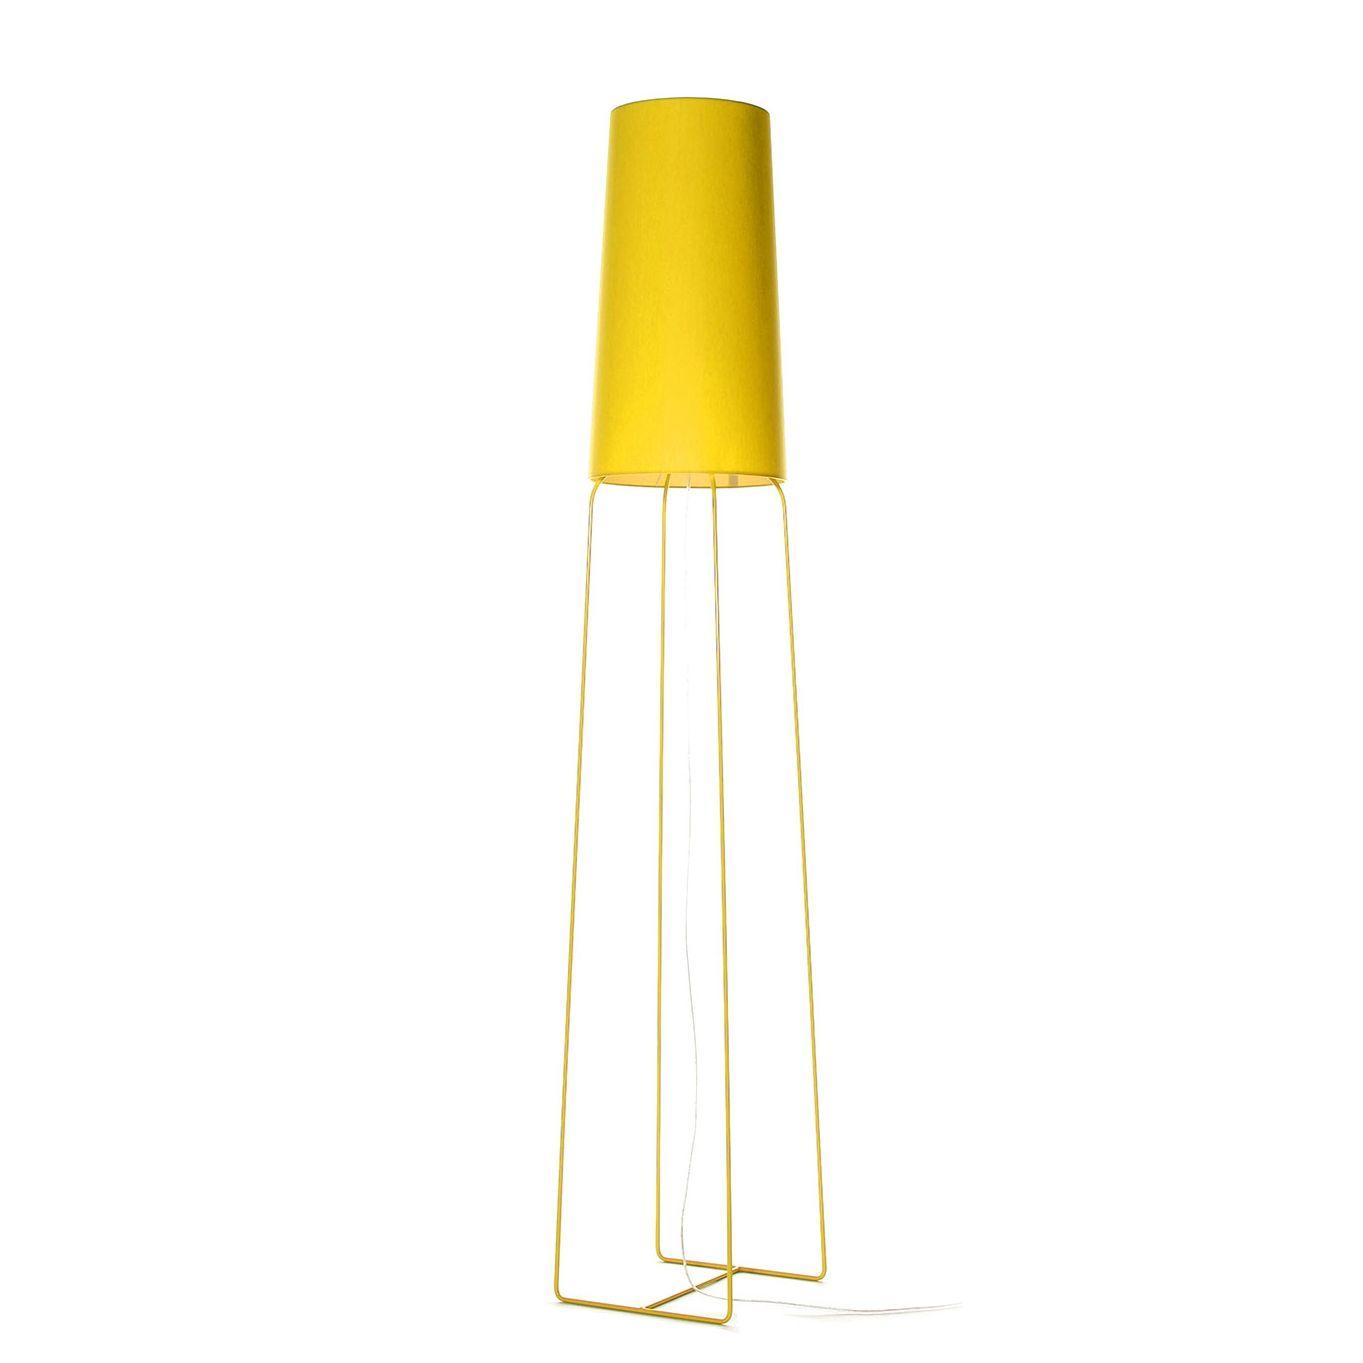 SlimSophie vloerlamp FrauMaier geel